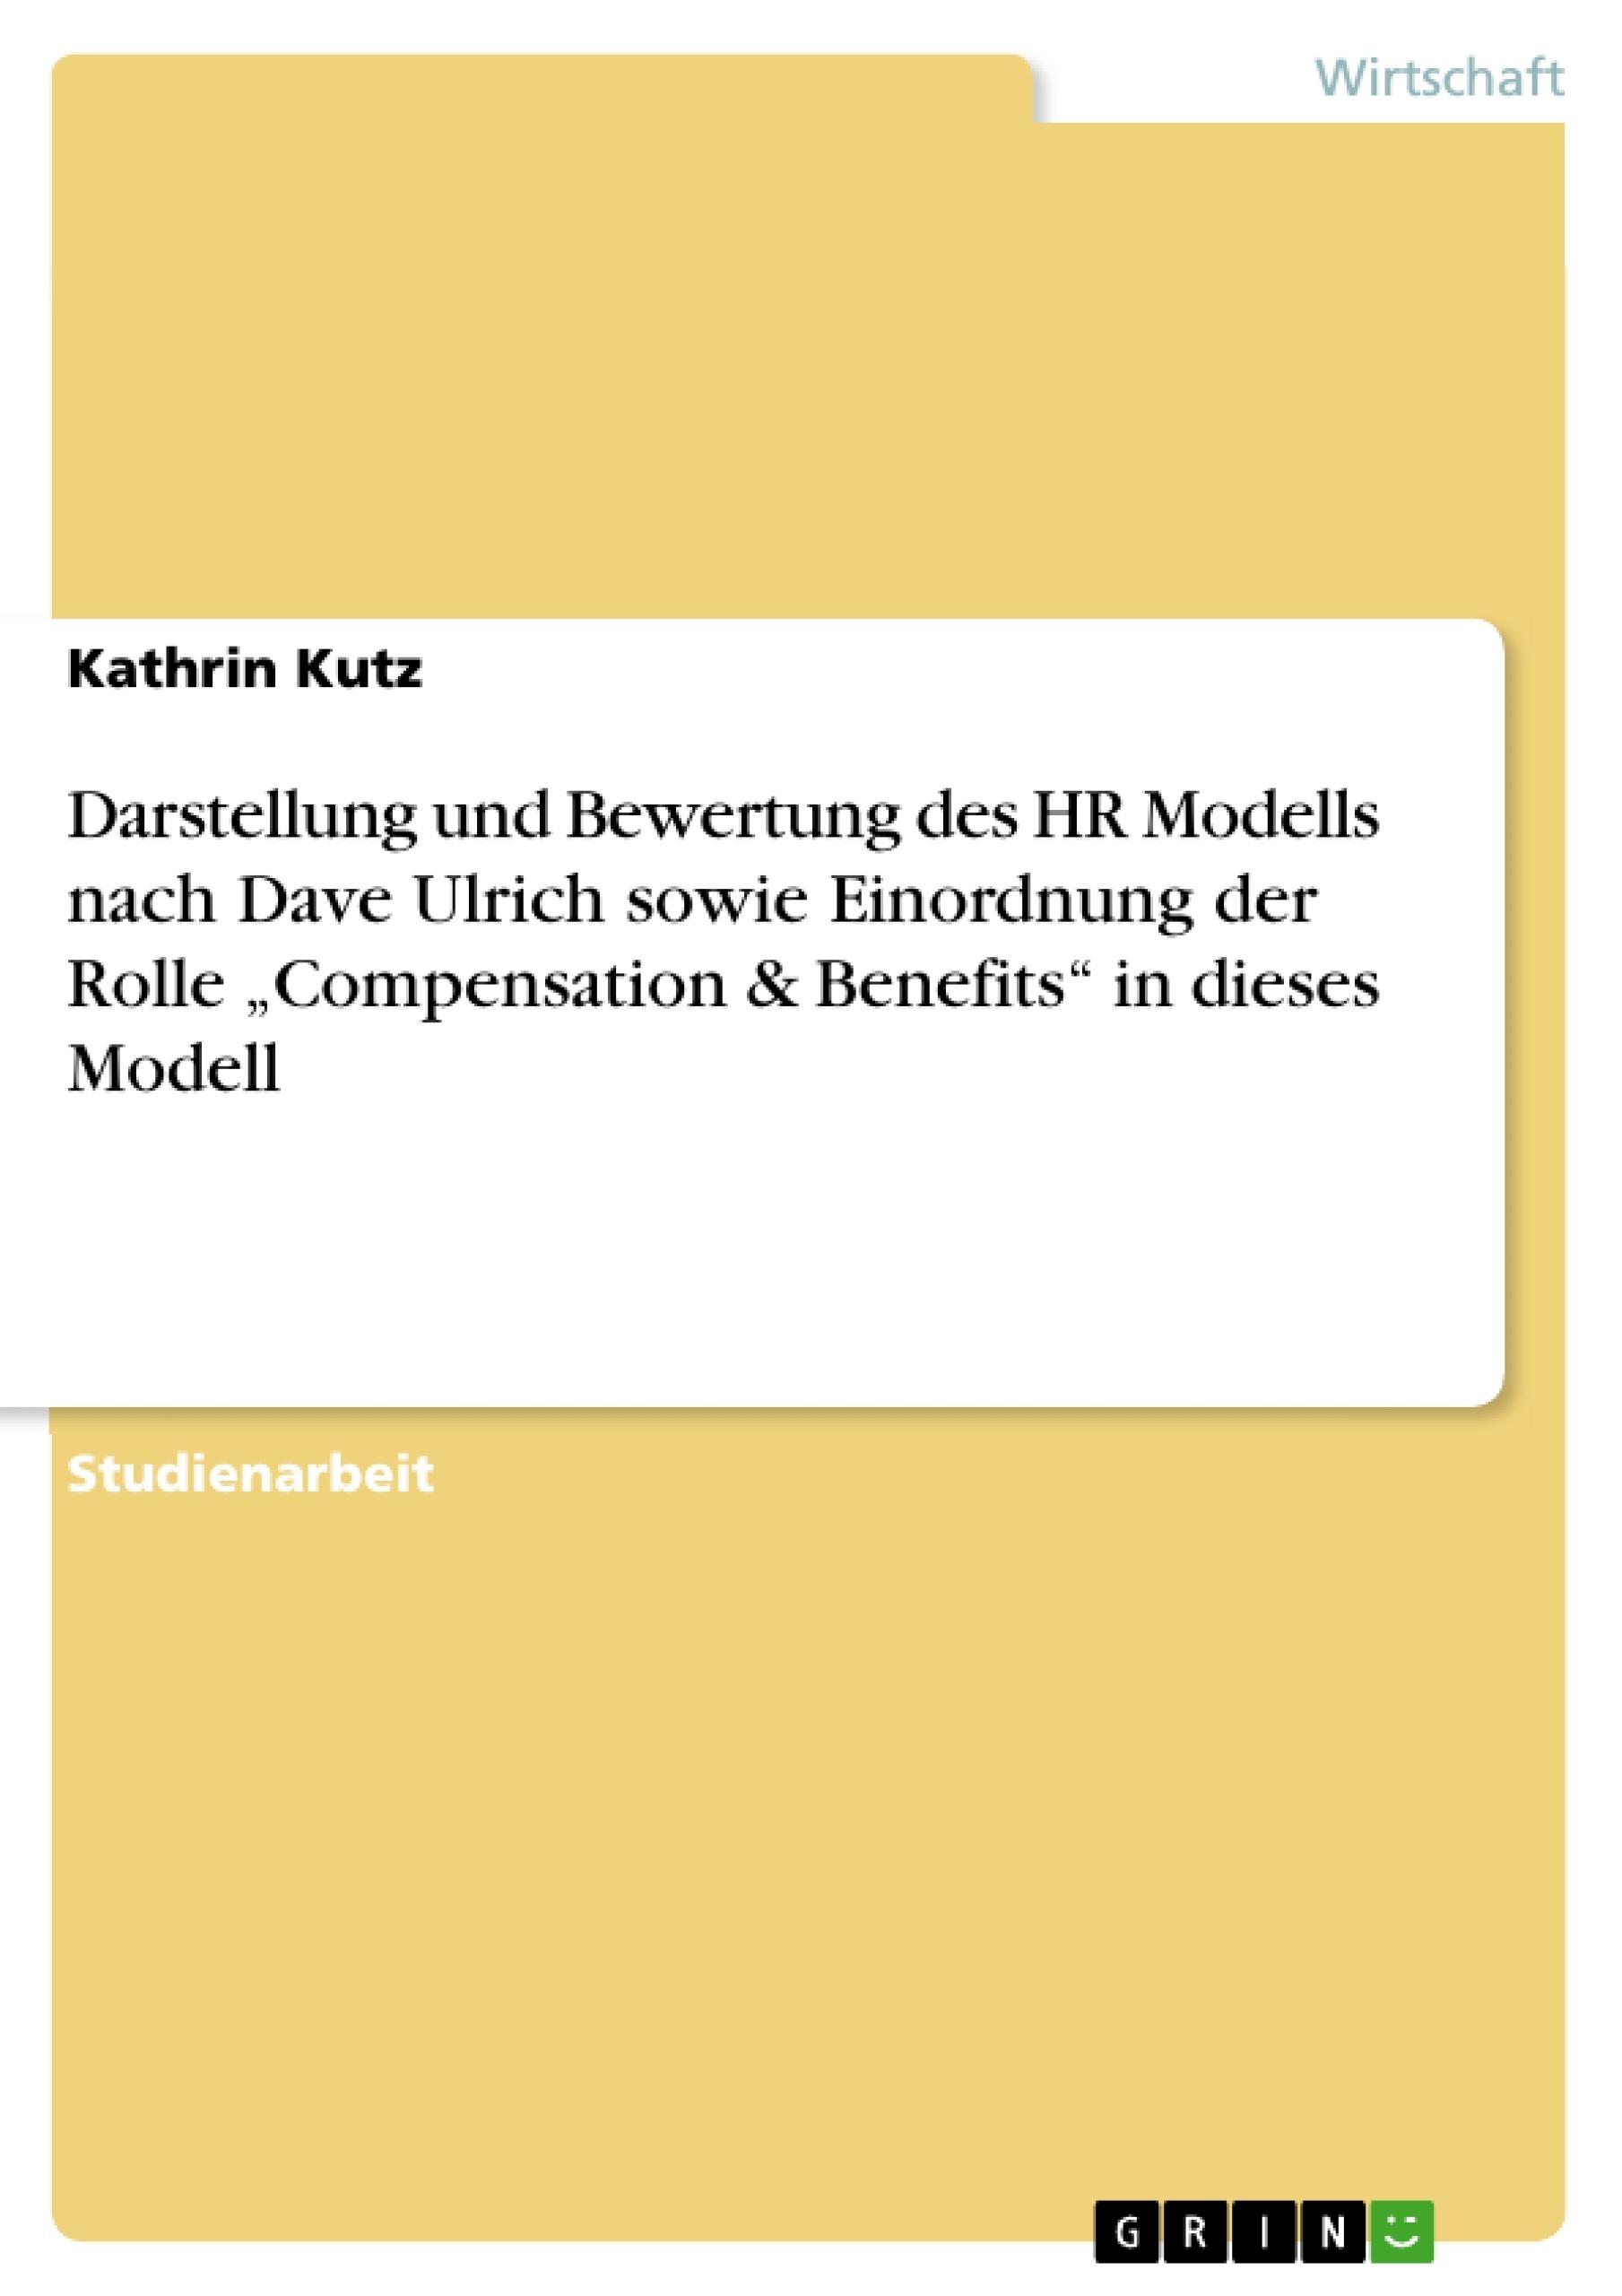 """Titel: Darstellung und Bewertung des HR Modells nach Dave Ulrich sowie  Einordnung der Rolle """"Compensation & Benefits"""" in dieses Modell"""